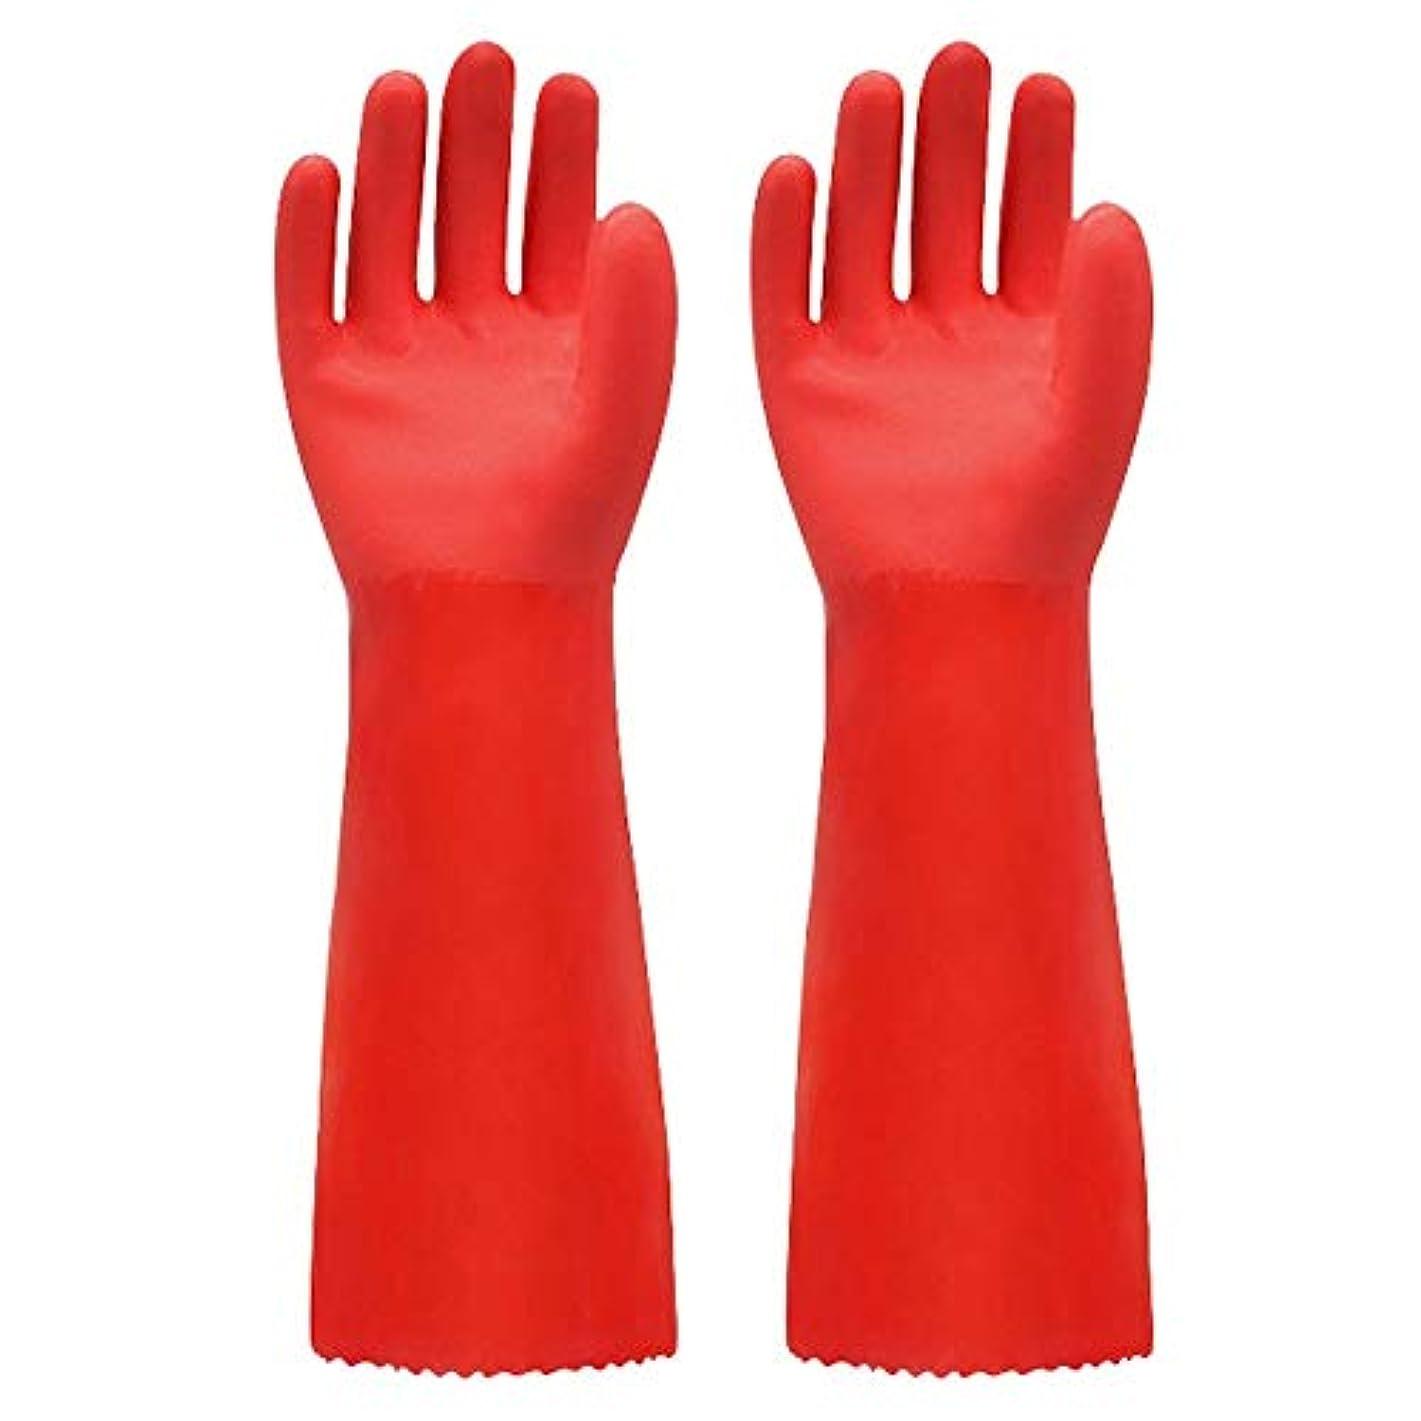 私達樹皮癌BTXXYJP キッチン用手袋 手袋 掃除用 ロング 耐摩耗 食器洗い 作業 炊事 食器洗い 園芸 洗車 防水 手袋 (Color : RED, Size : L)